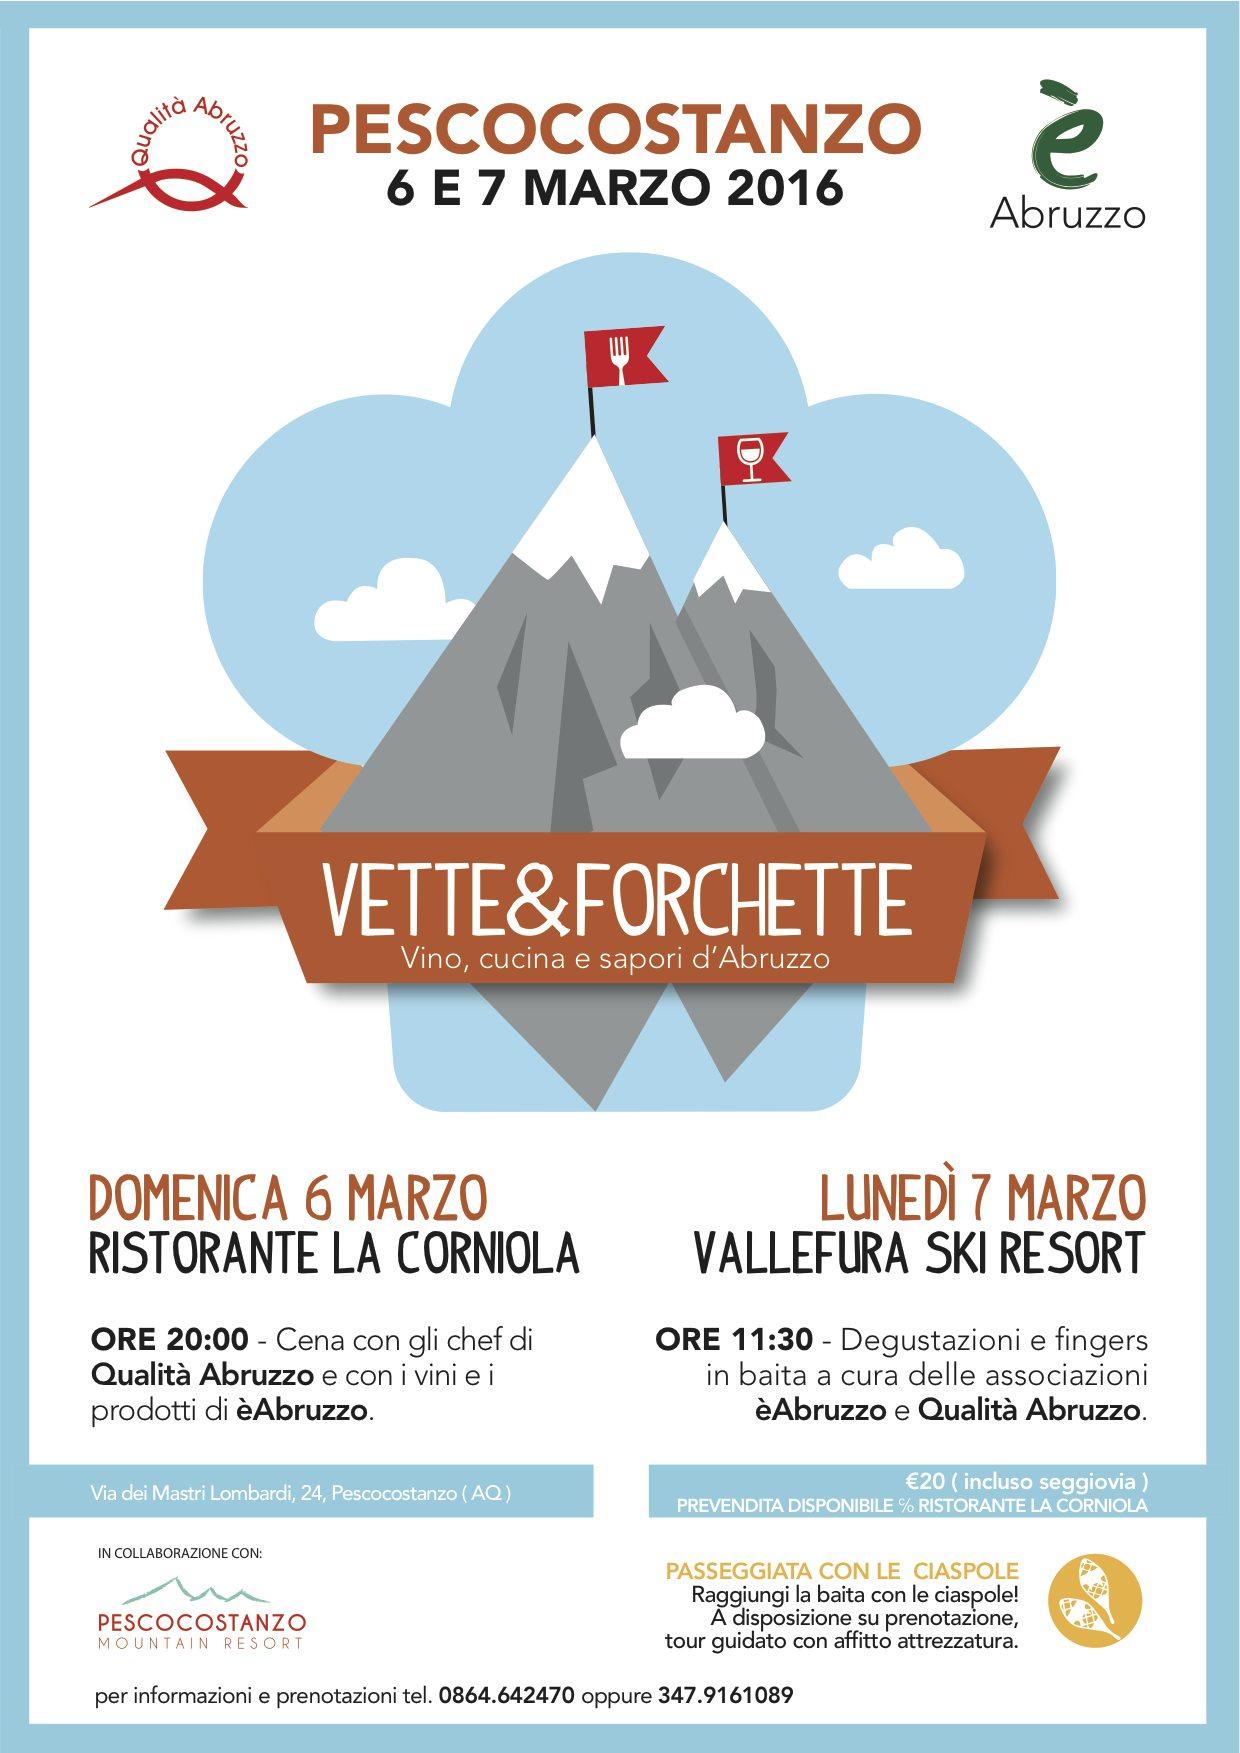 VETTE&FORCHETTE: Pescocostanzo borgo gourmet